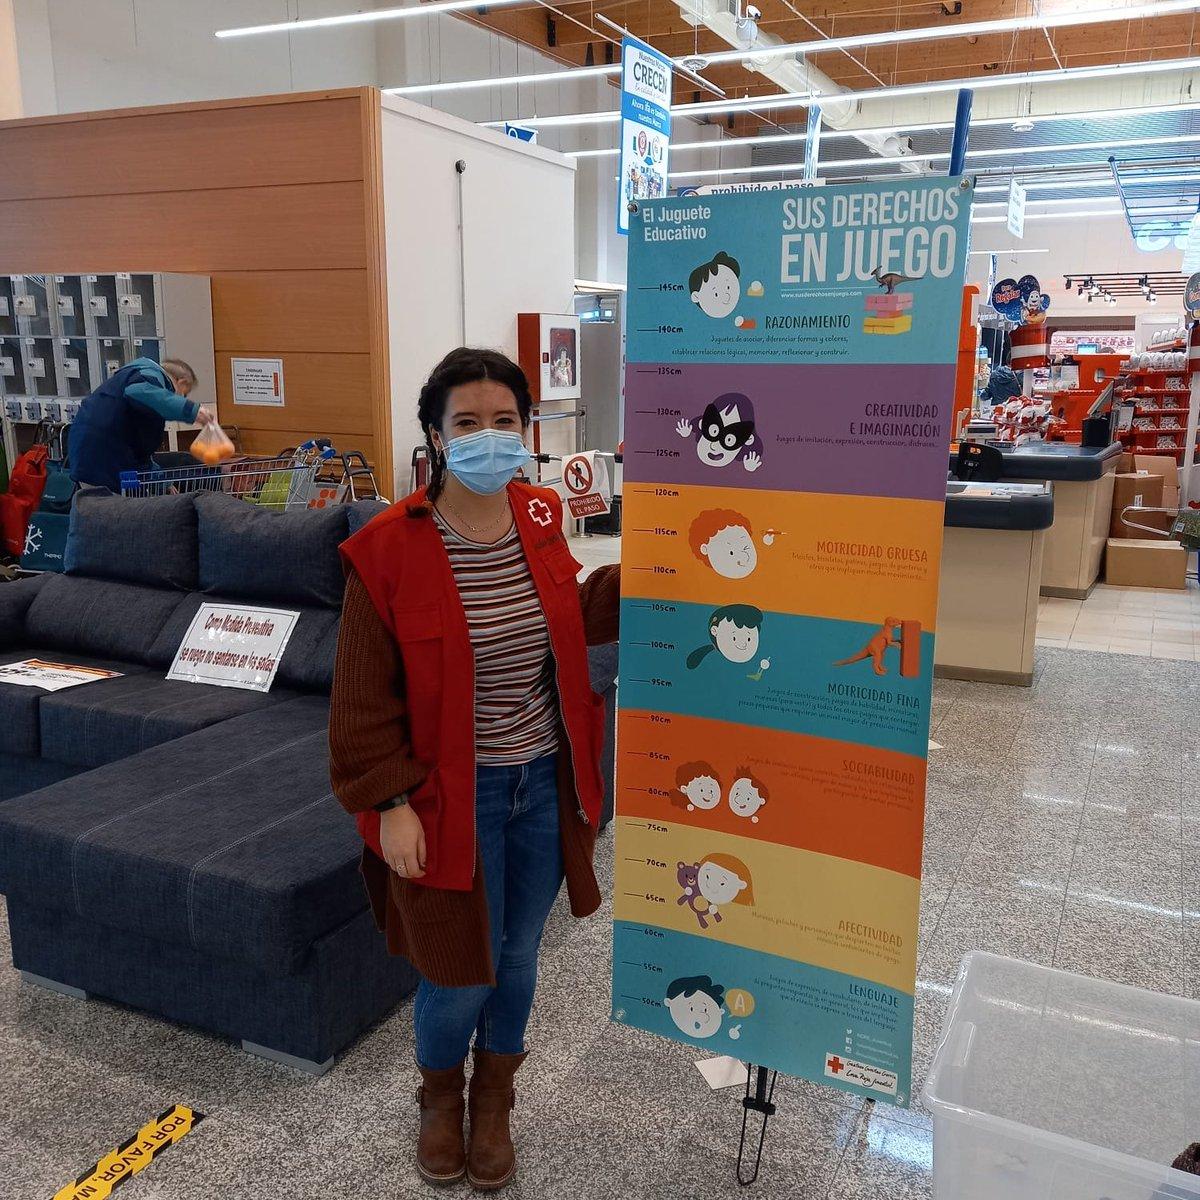 Hoy estaremos en @ELeclerc_Esp Vitoria-Gasteiz recogiendo juguetes para los niños y niñas que atendemos.  ⏰Hasta la 13:30h y de 18:00h a 20:30h  Únete a la campaña para que todos los niños y niñas puedan tener un juguete nuevo, no bélico y no sexista 😀  https://t.co/Ou4QsUHw8V https://t.co/sVmoc4vz6w